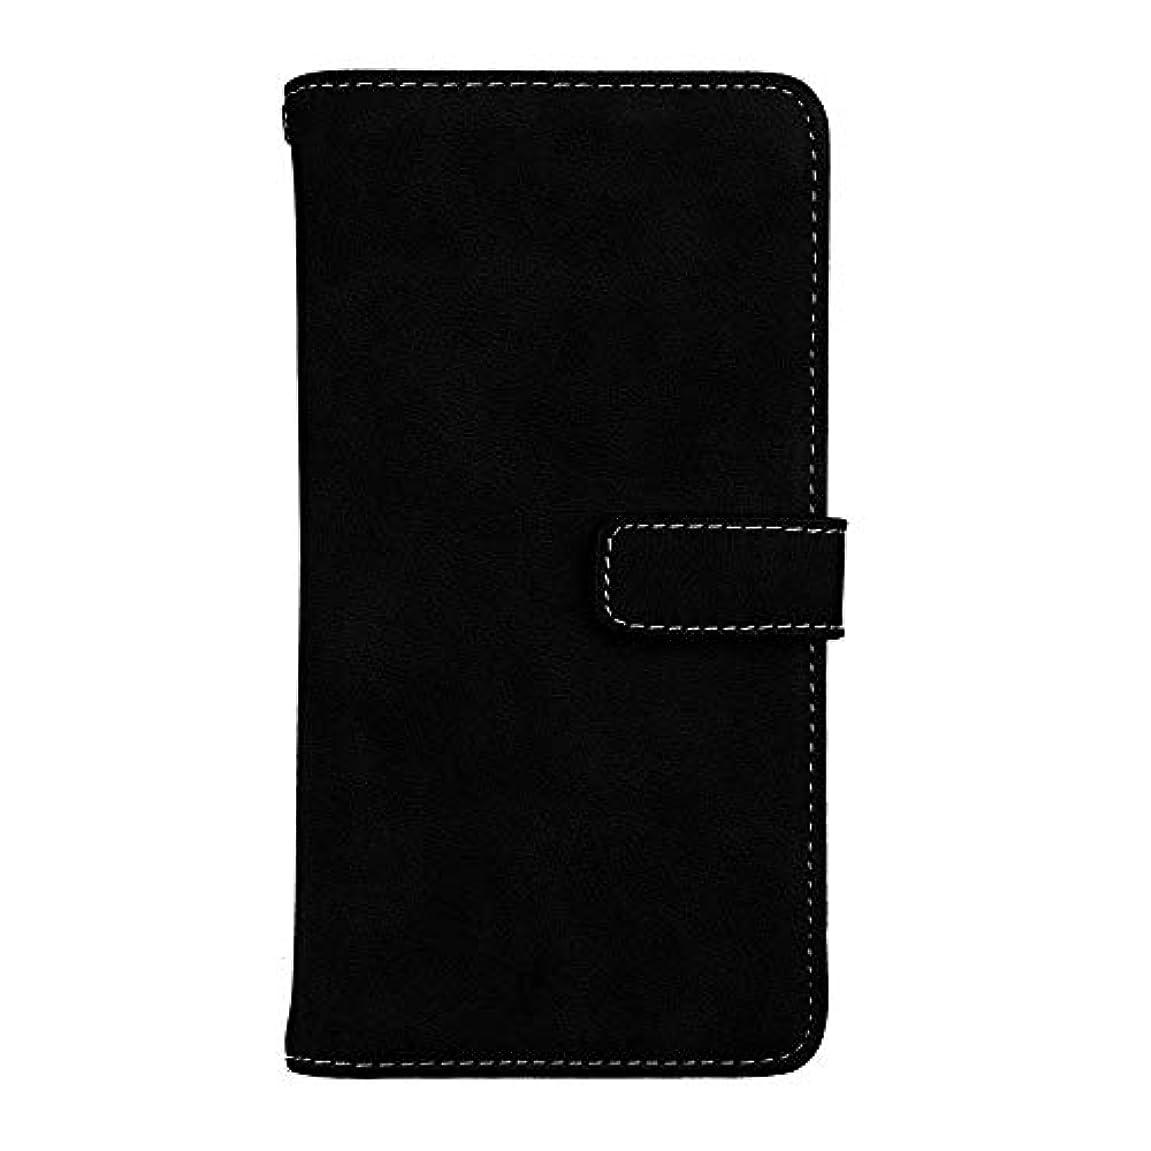 シロクマパターン他のバンドでXiaomi Redmi Note 5 高品質 マグネット ケース, CUNUS 携帯電話 ケース 軽量 柔軟 高品質 耐摩擦 カード収納 カバー Xiaomi Redmi Note 5 用, ブラック